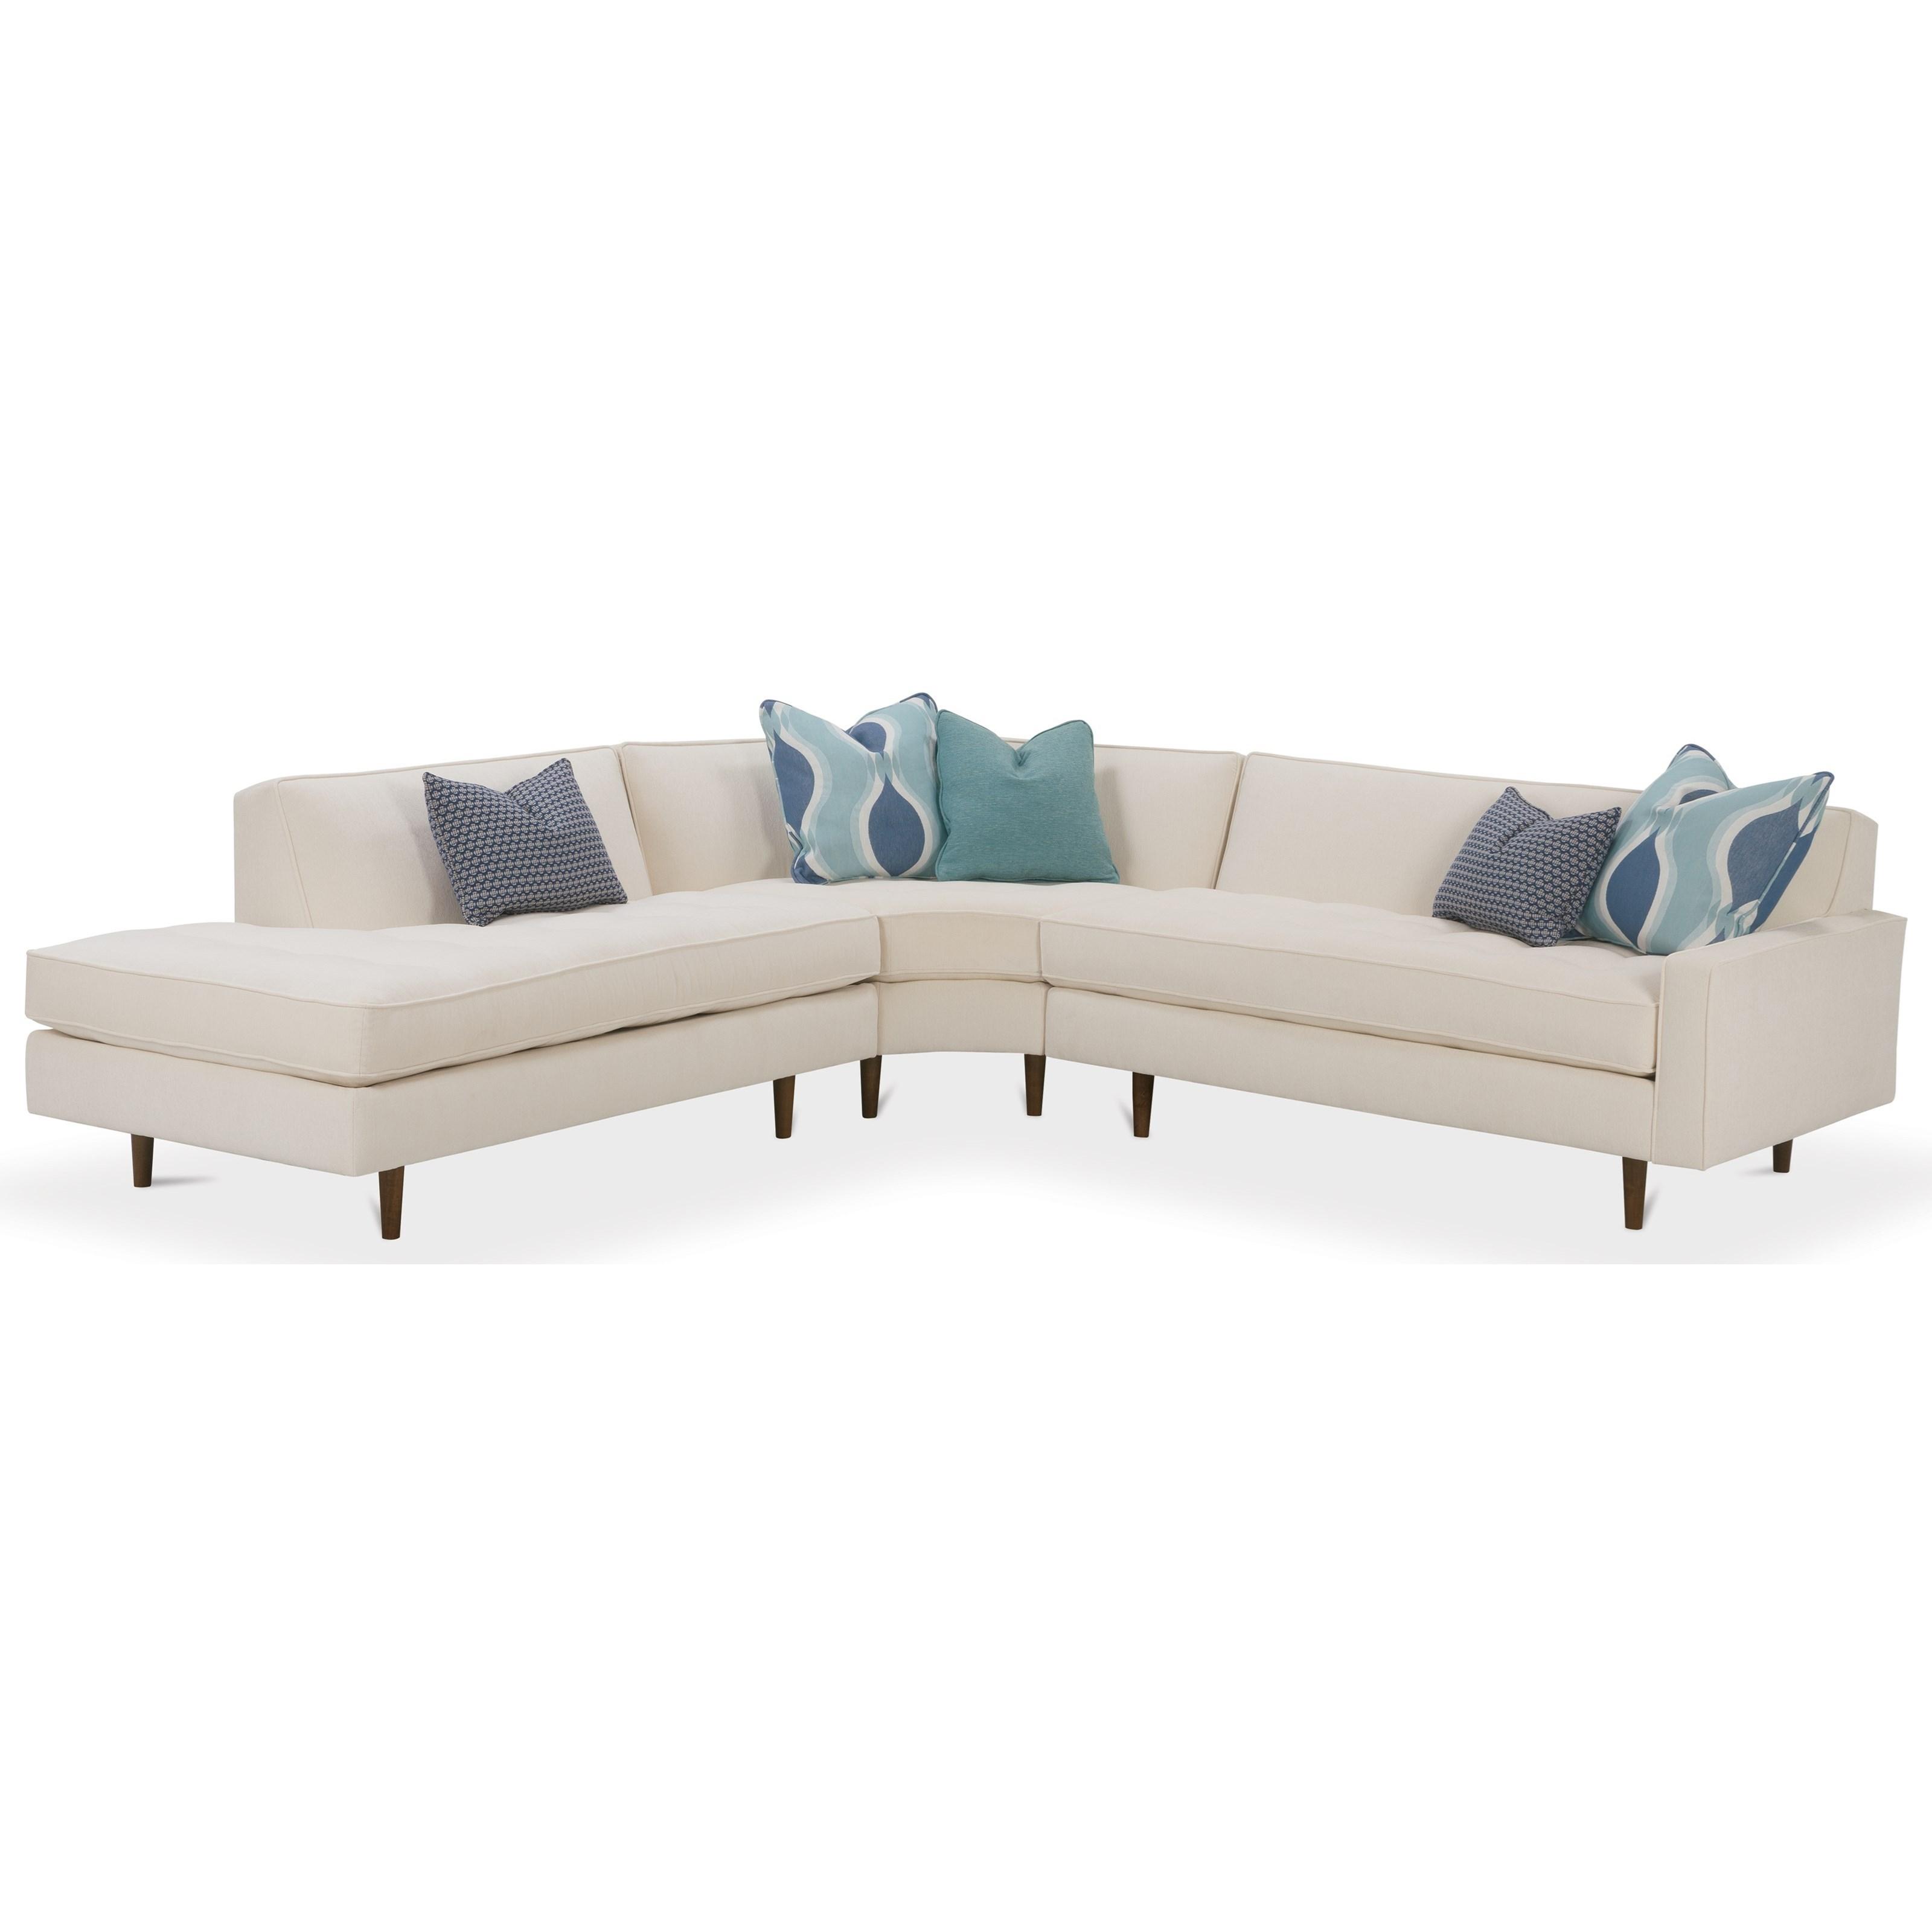 Contemporary 3 Piece Sectional Sofa